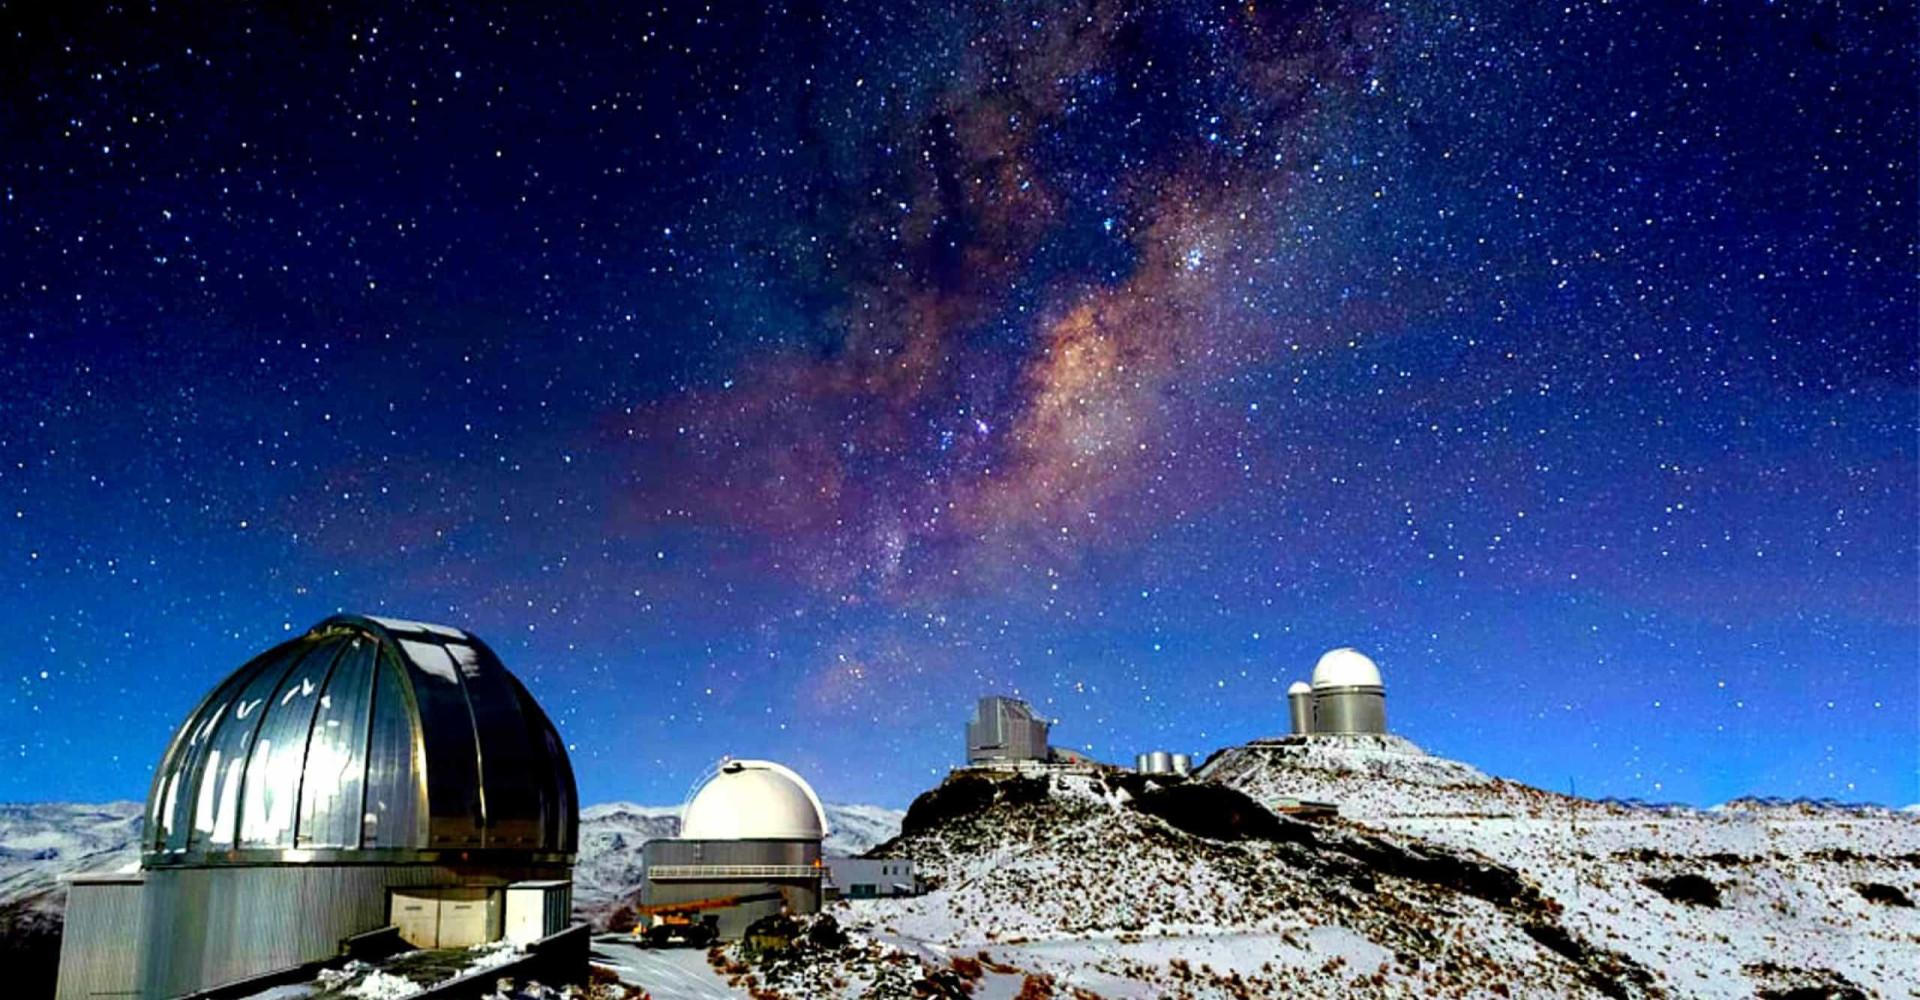 Världens mest imponerande astronomiska observatorier